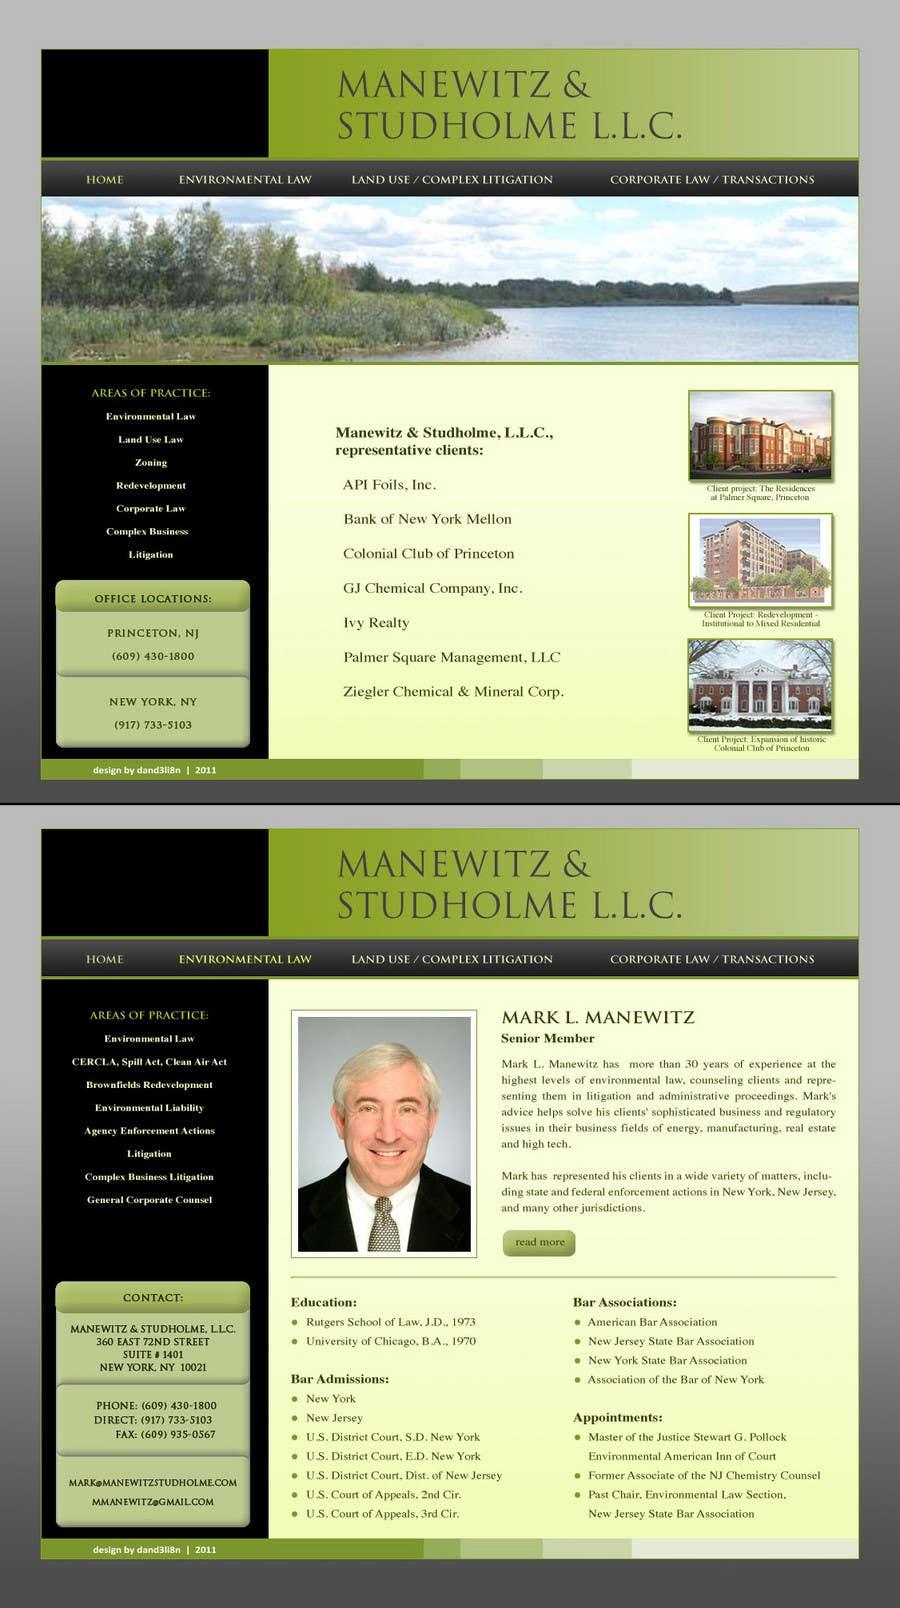 #66 for Website Design for Manewitz & Studholme LLC by dand3li8n